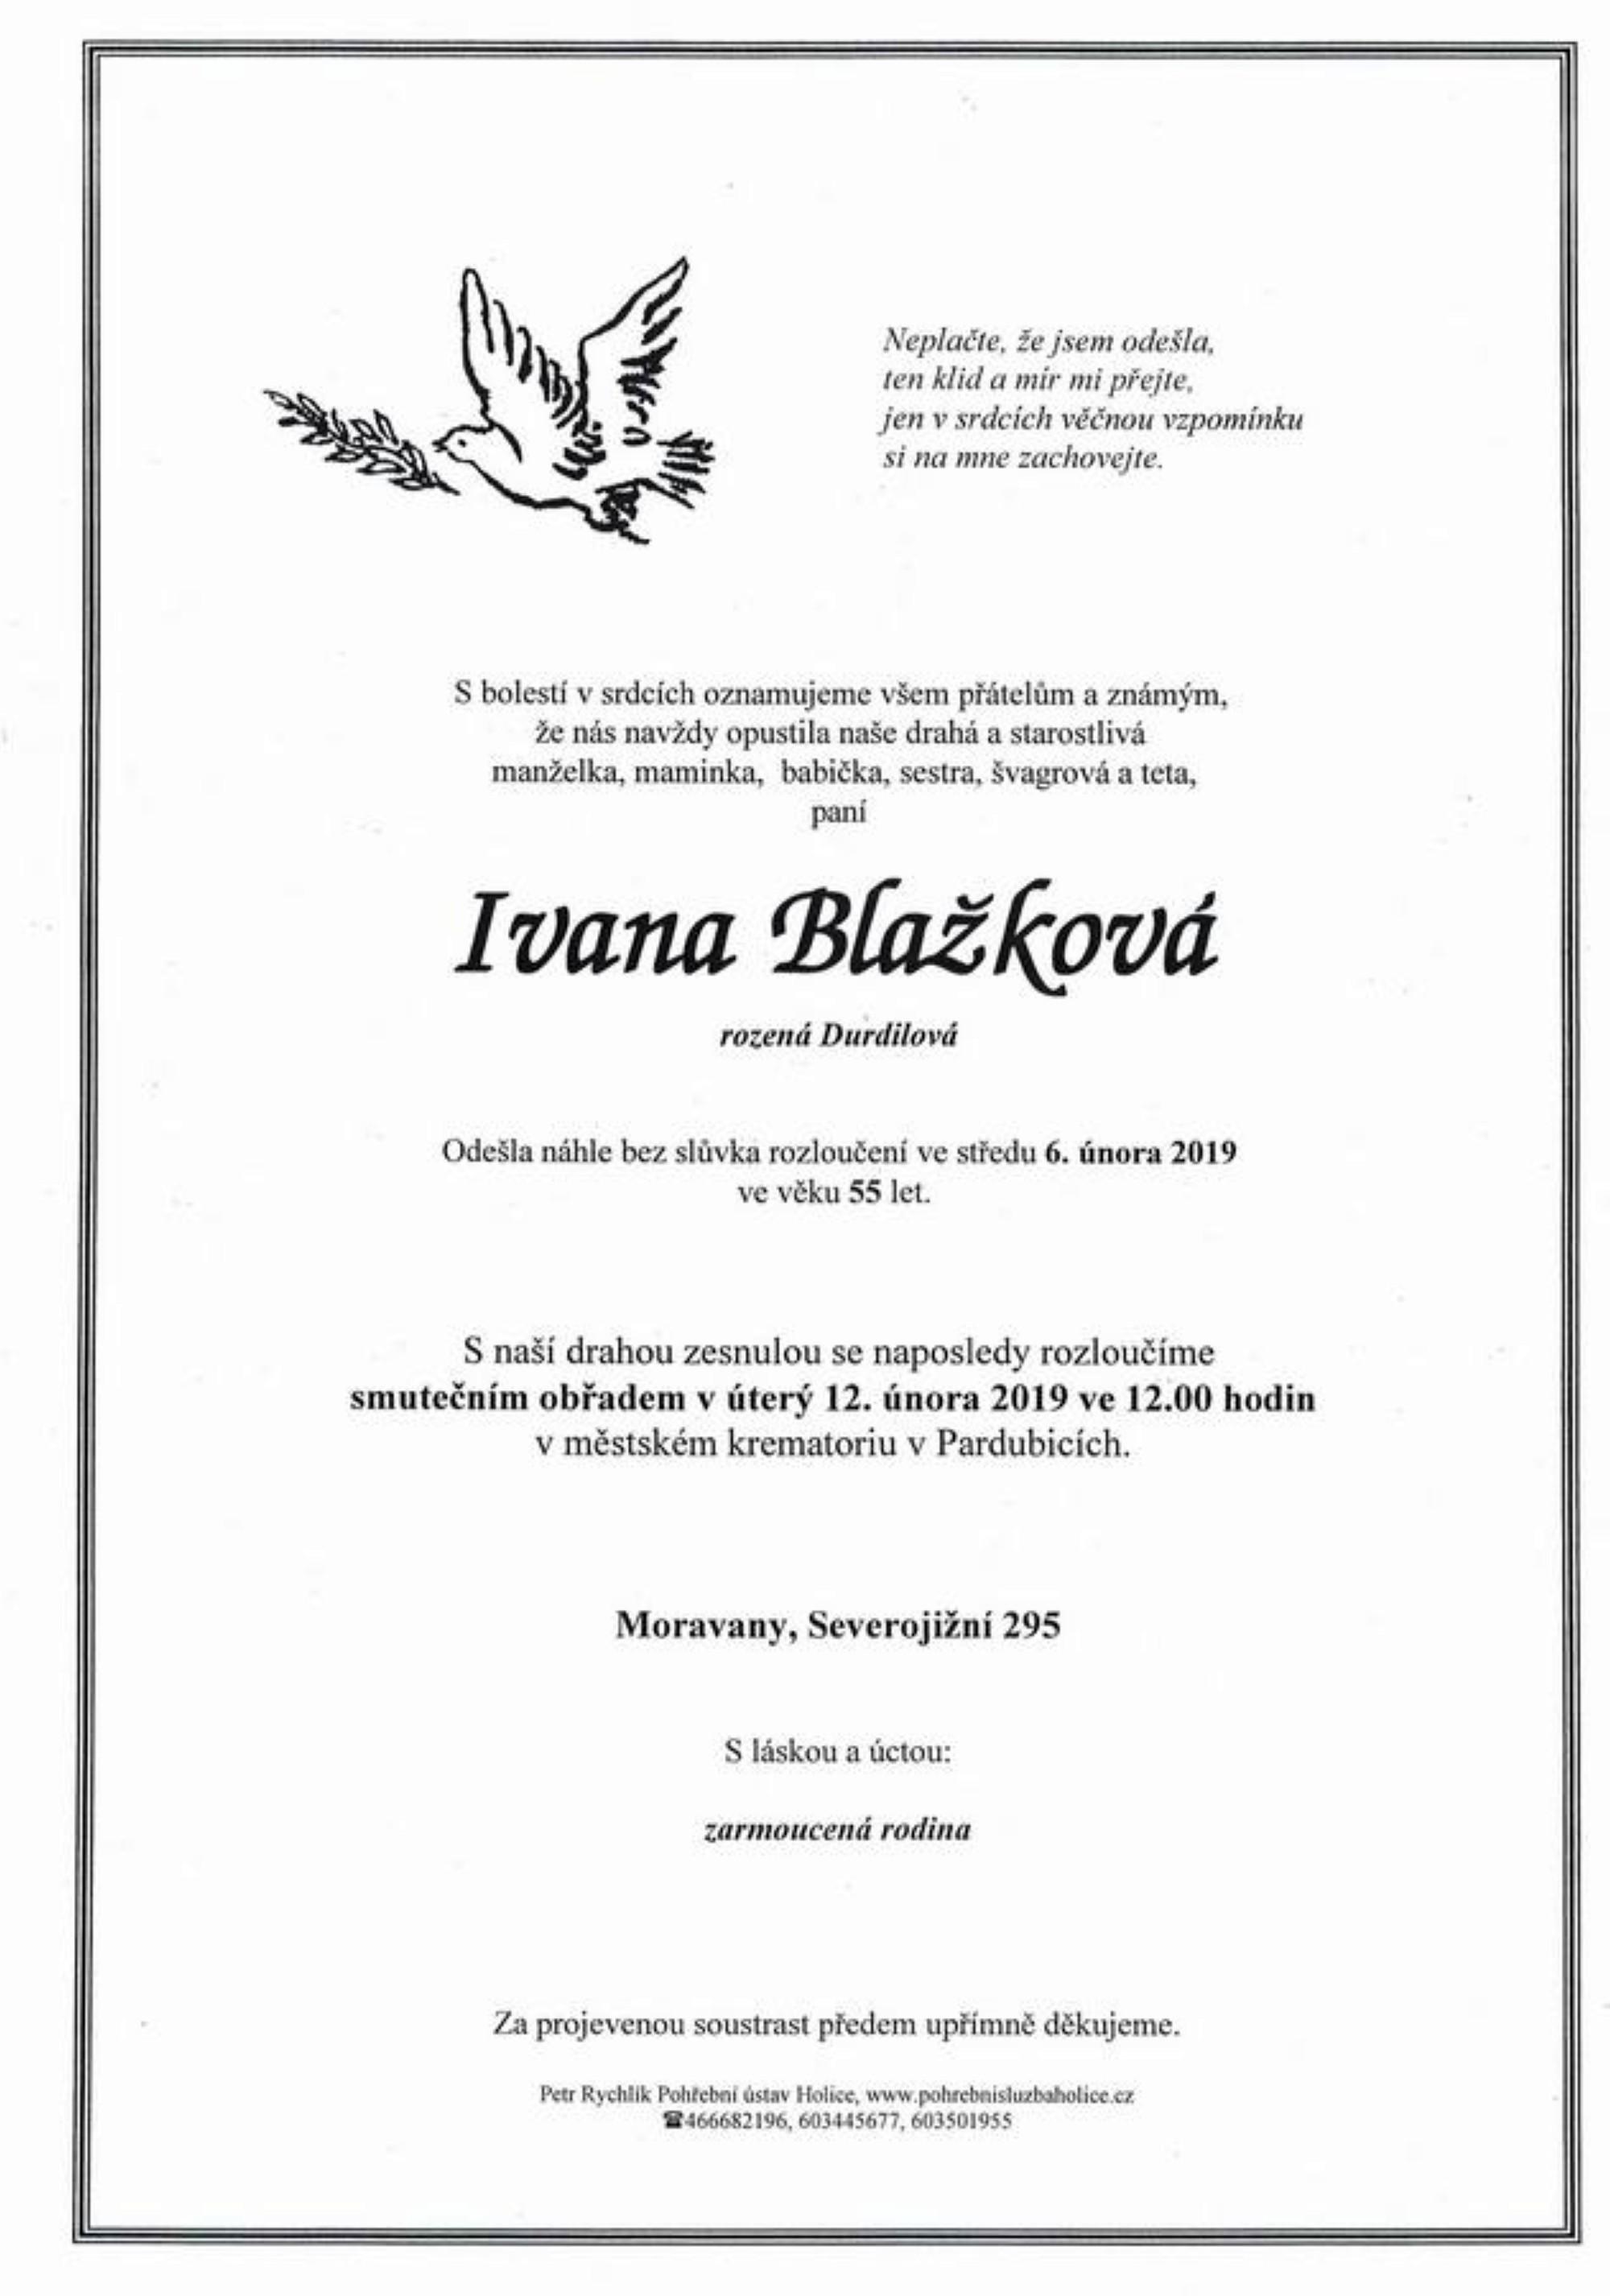 Ivana Blažková